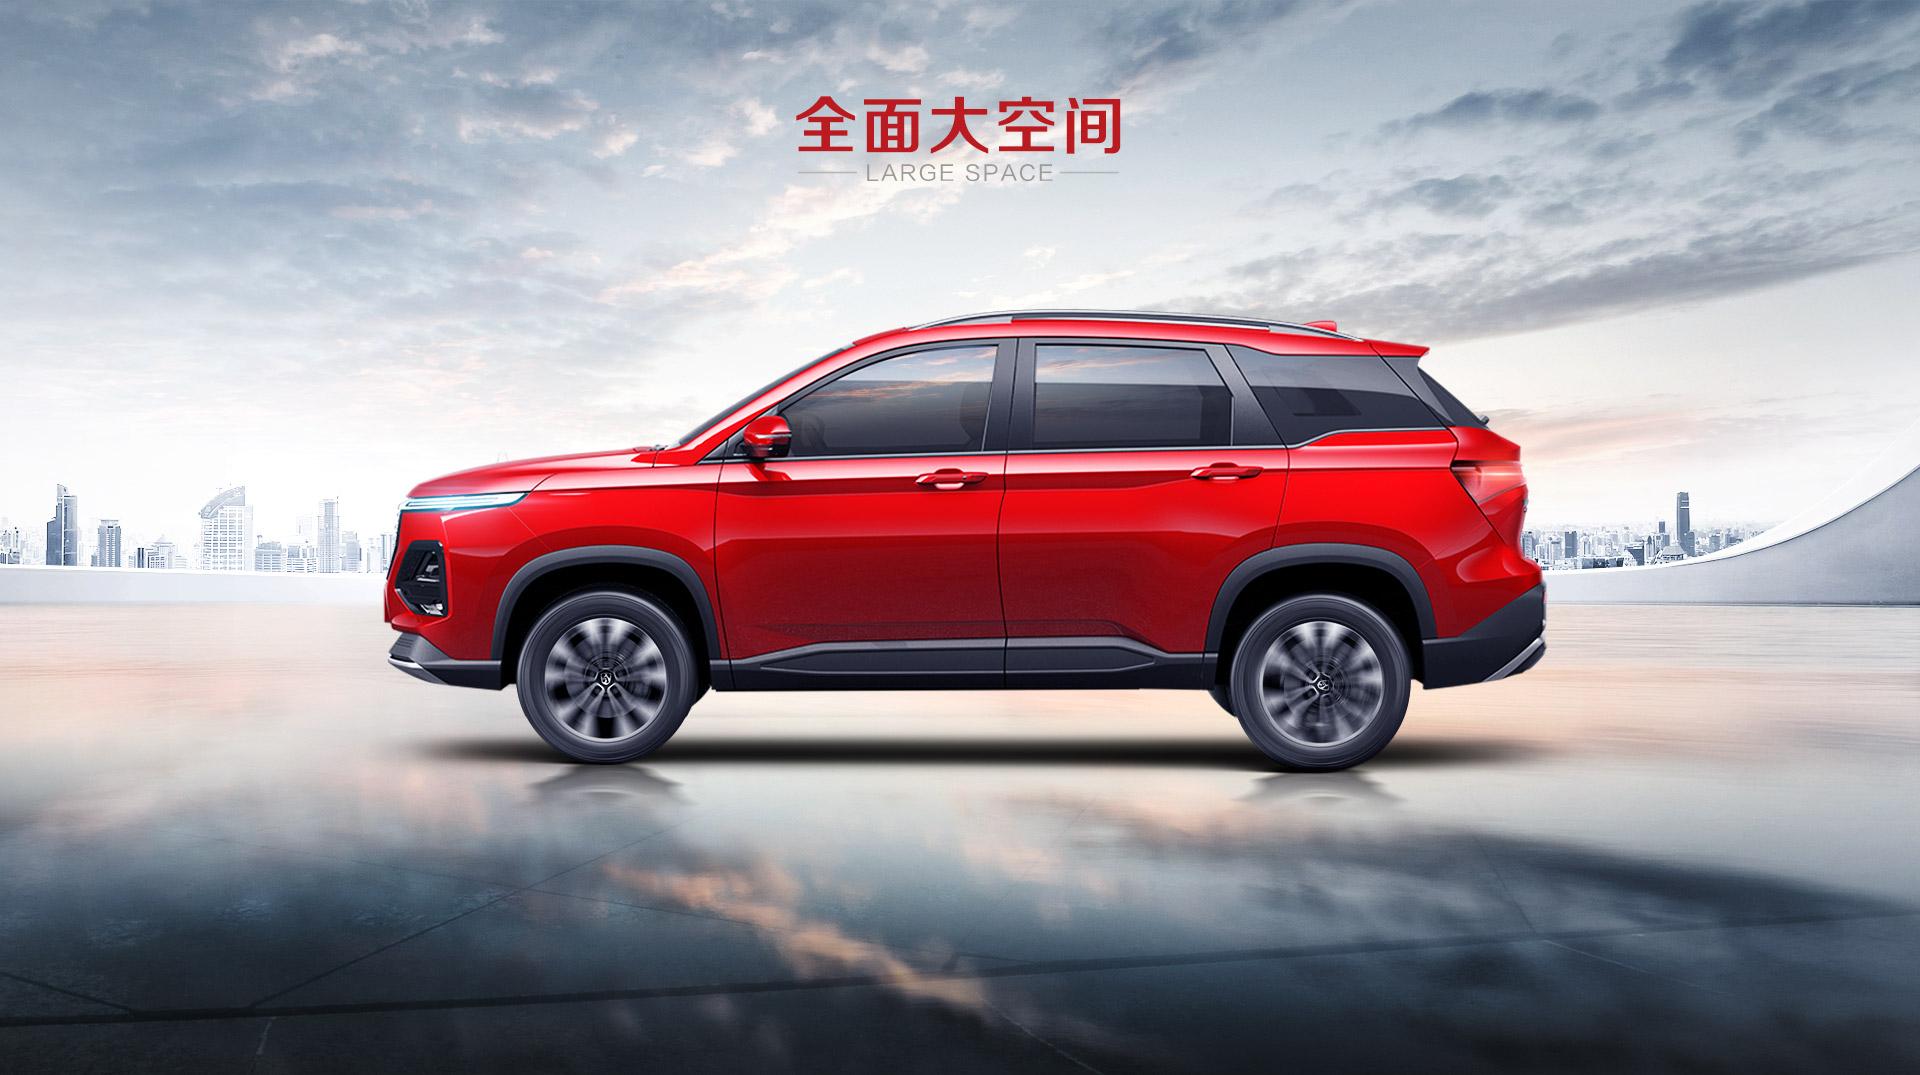 寶(bao)駿530,2020款,車身尺寸,空間(jian)